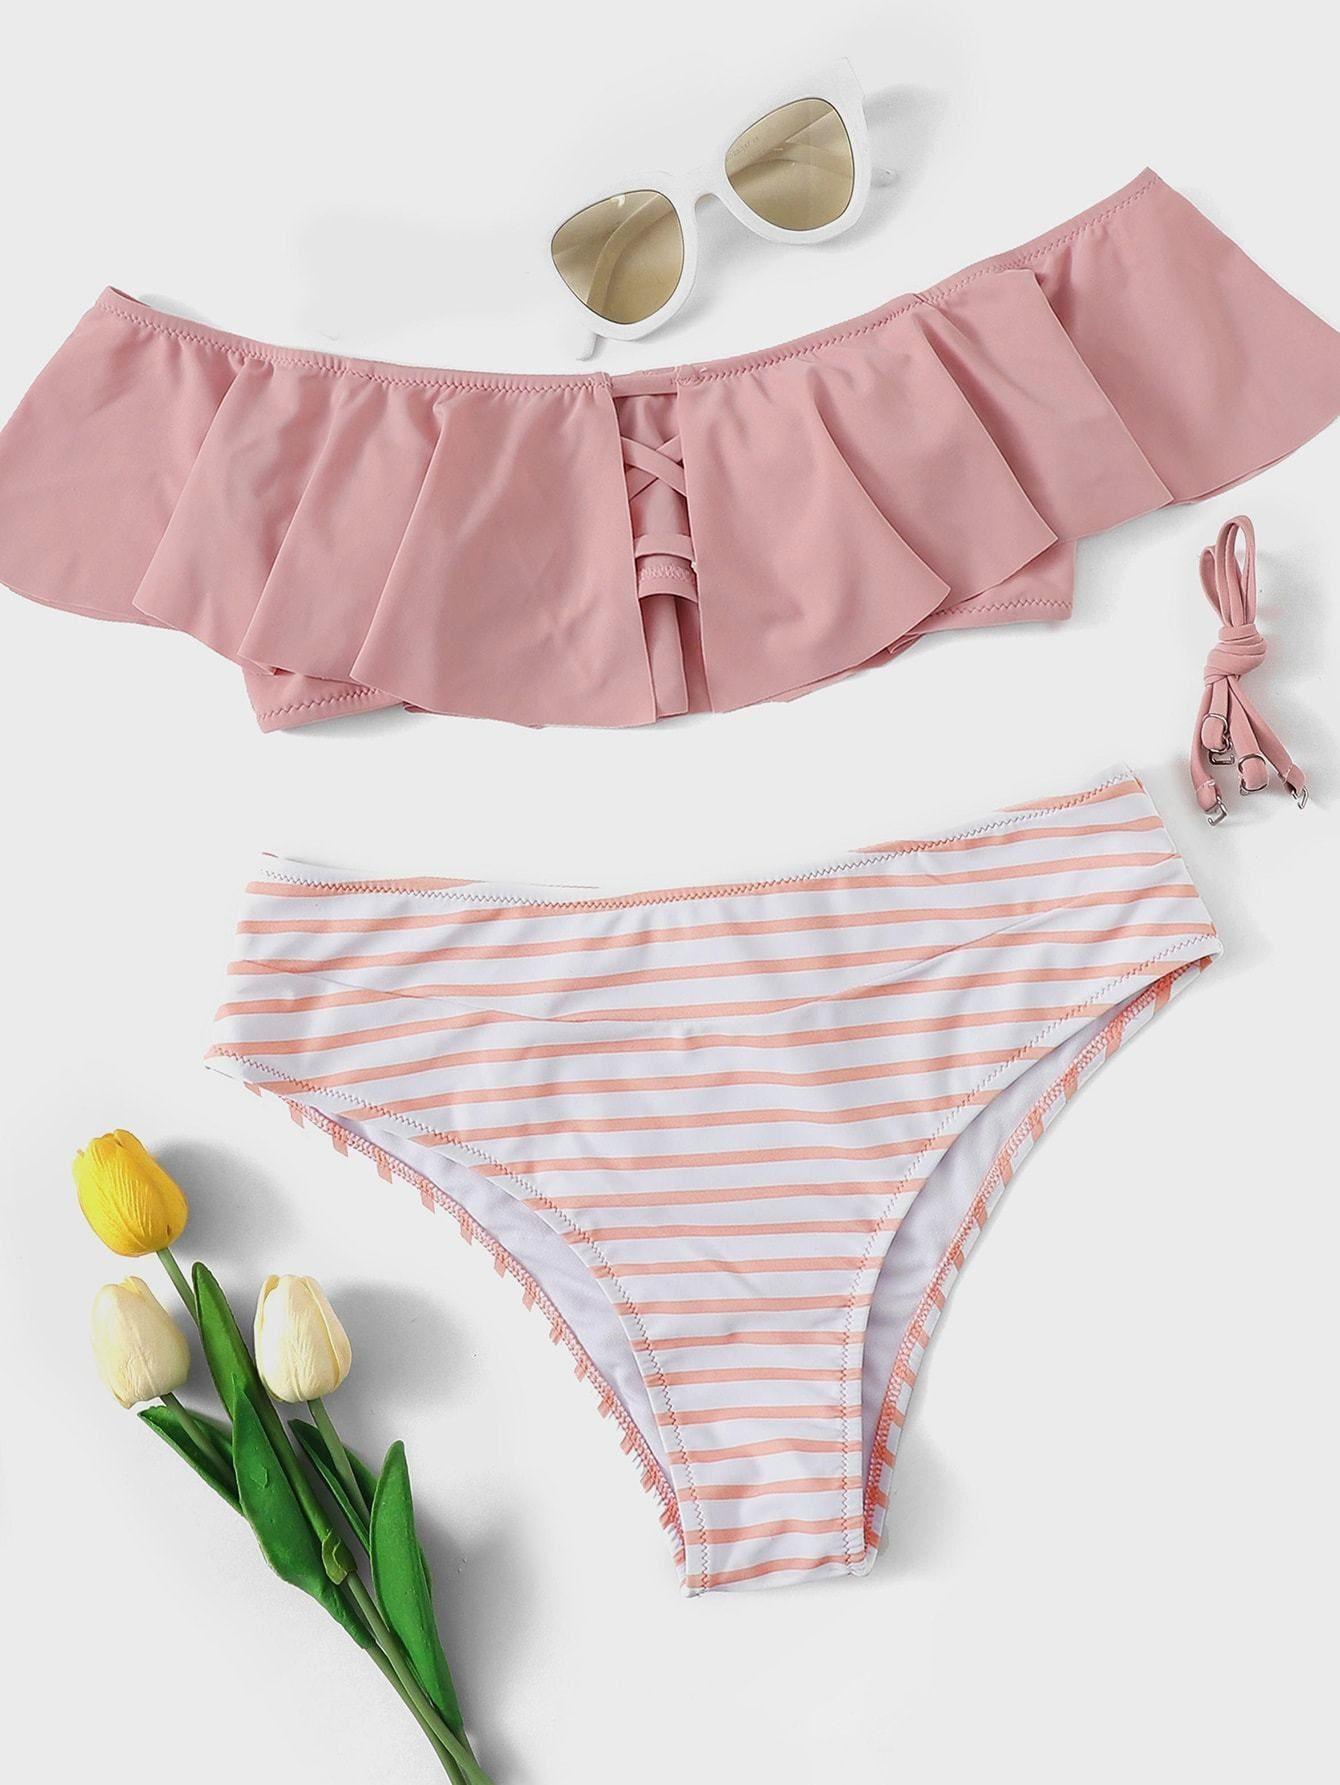 e7fa846ac11e2 Pink Striped High Waist Bottom Flounce Bikini  https://mybikiniflex.com/products